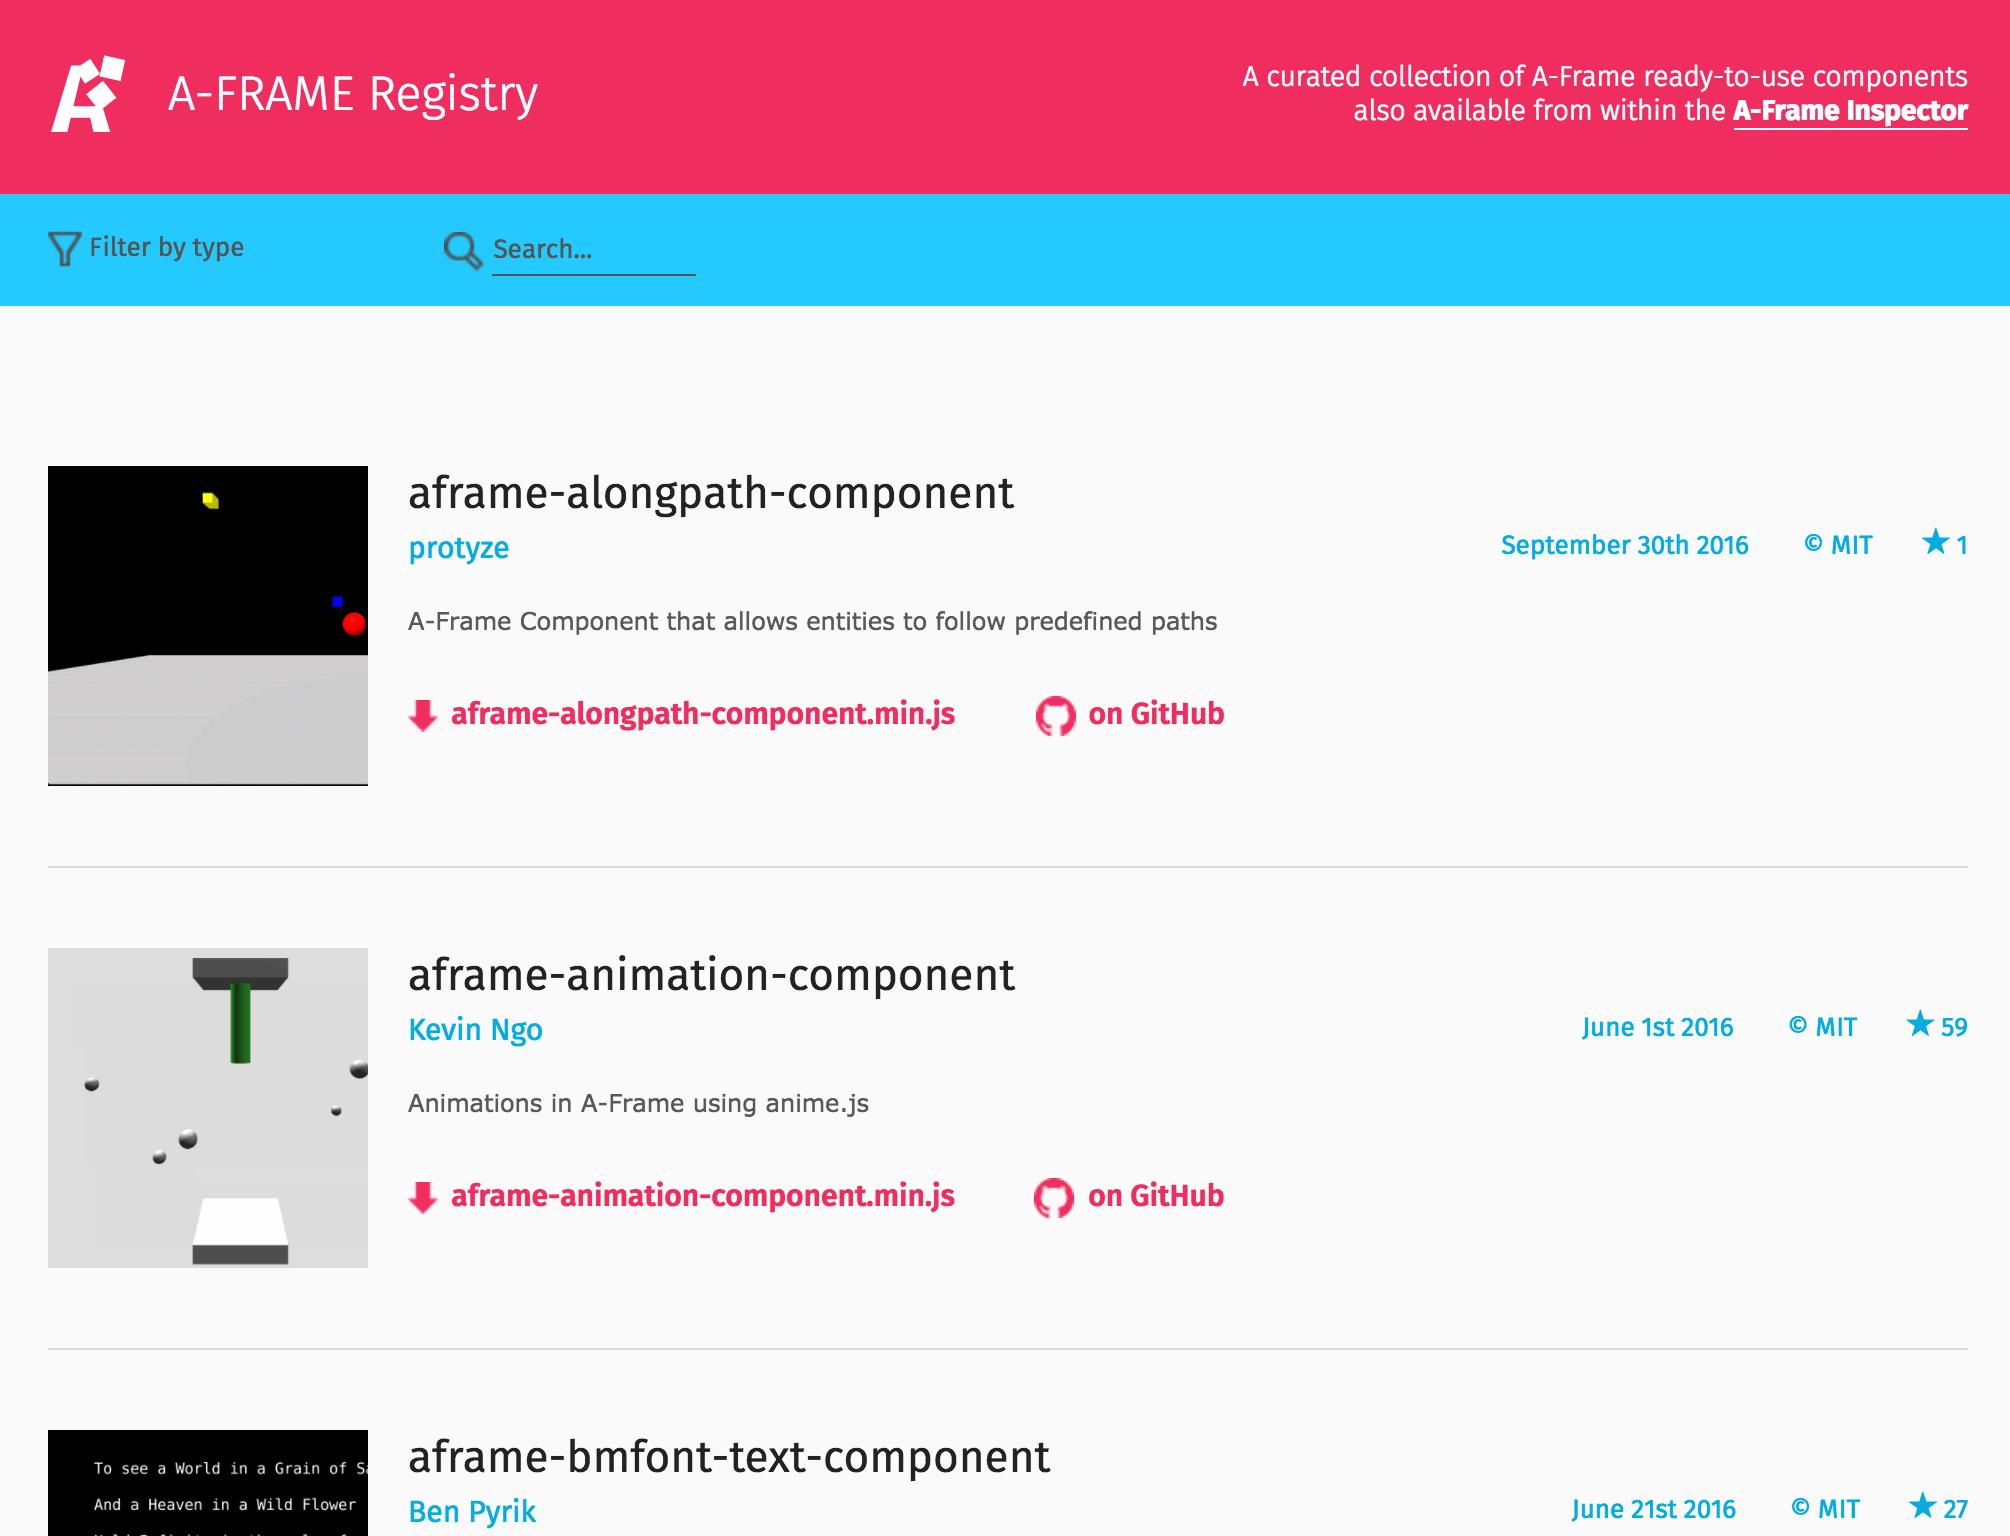 A-Frame Registry